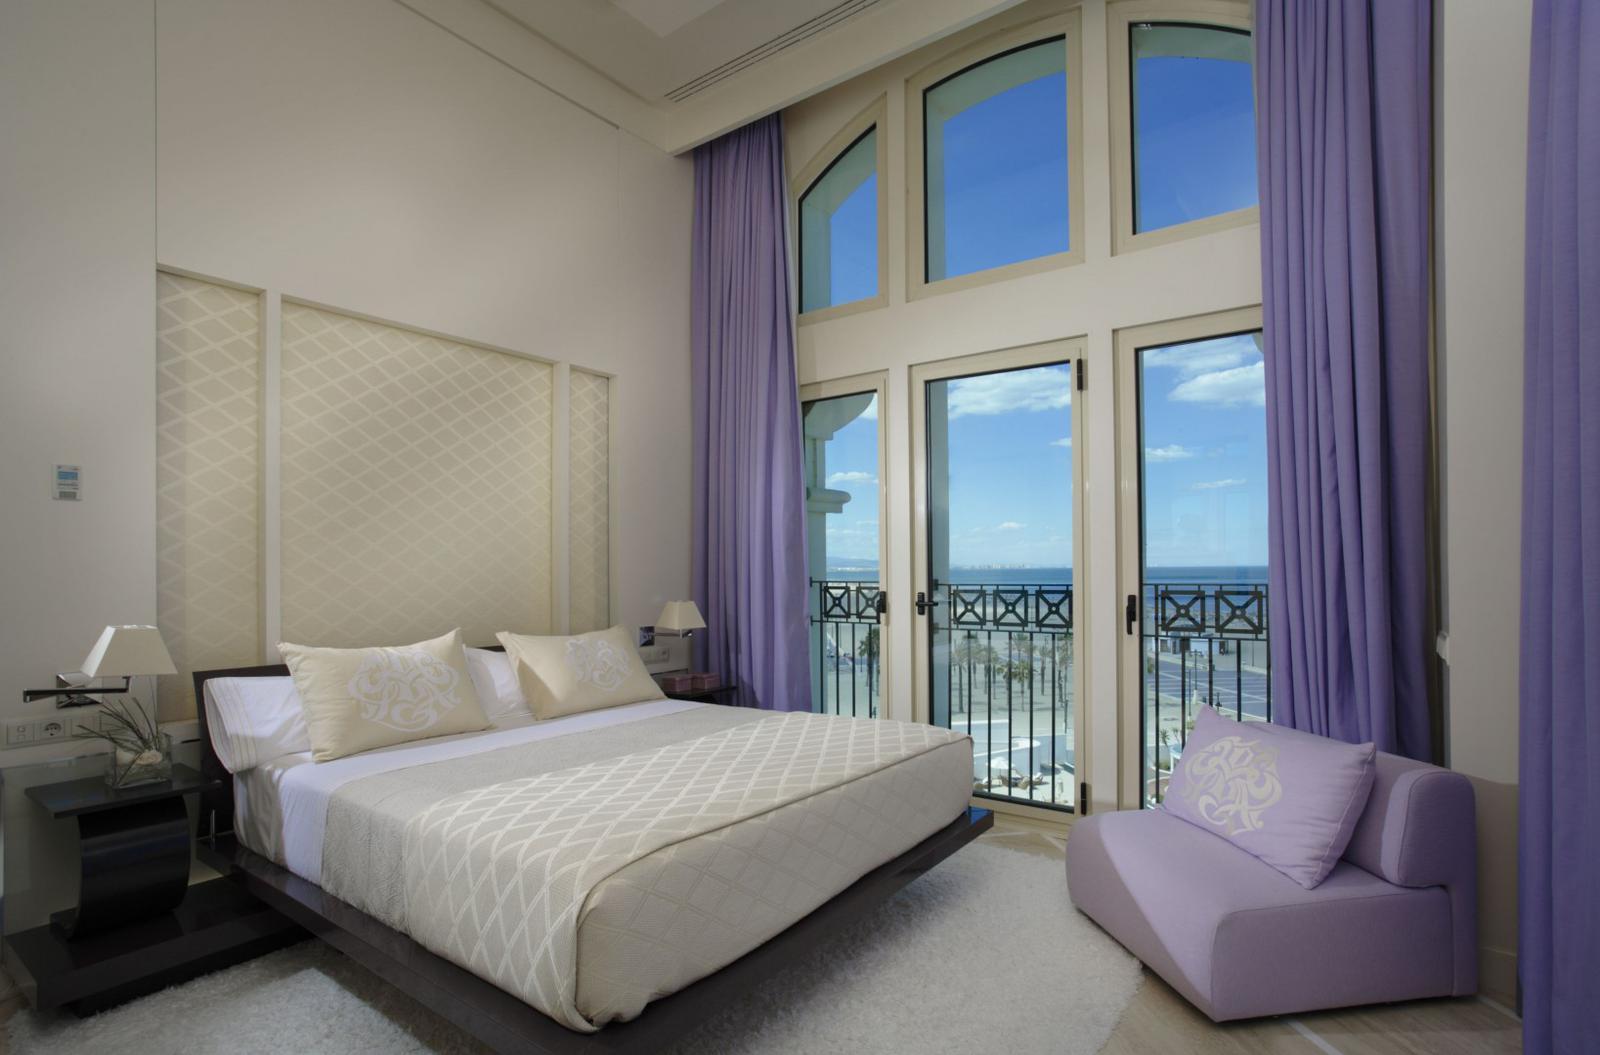 hoteles de playa las arenas balneario resort